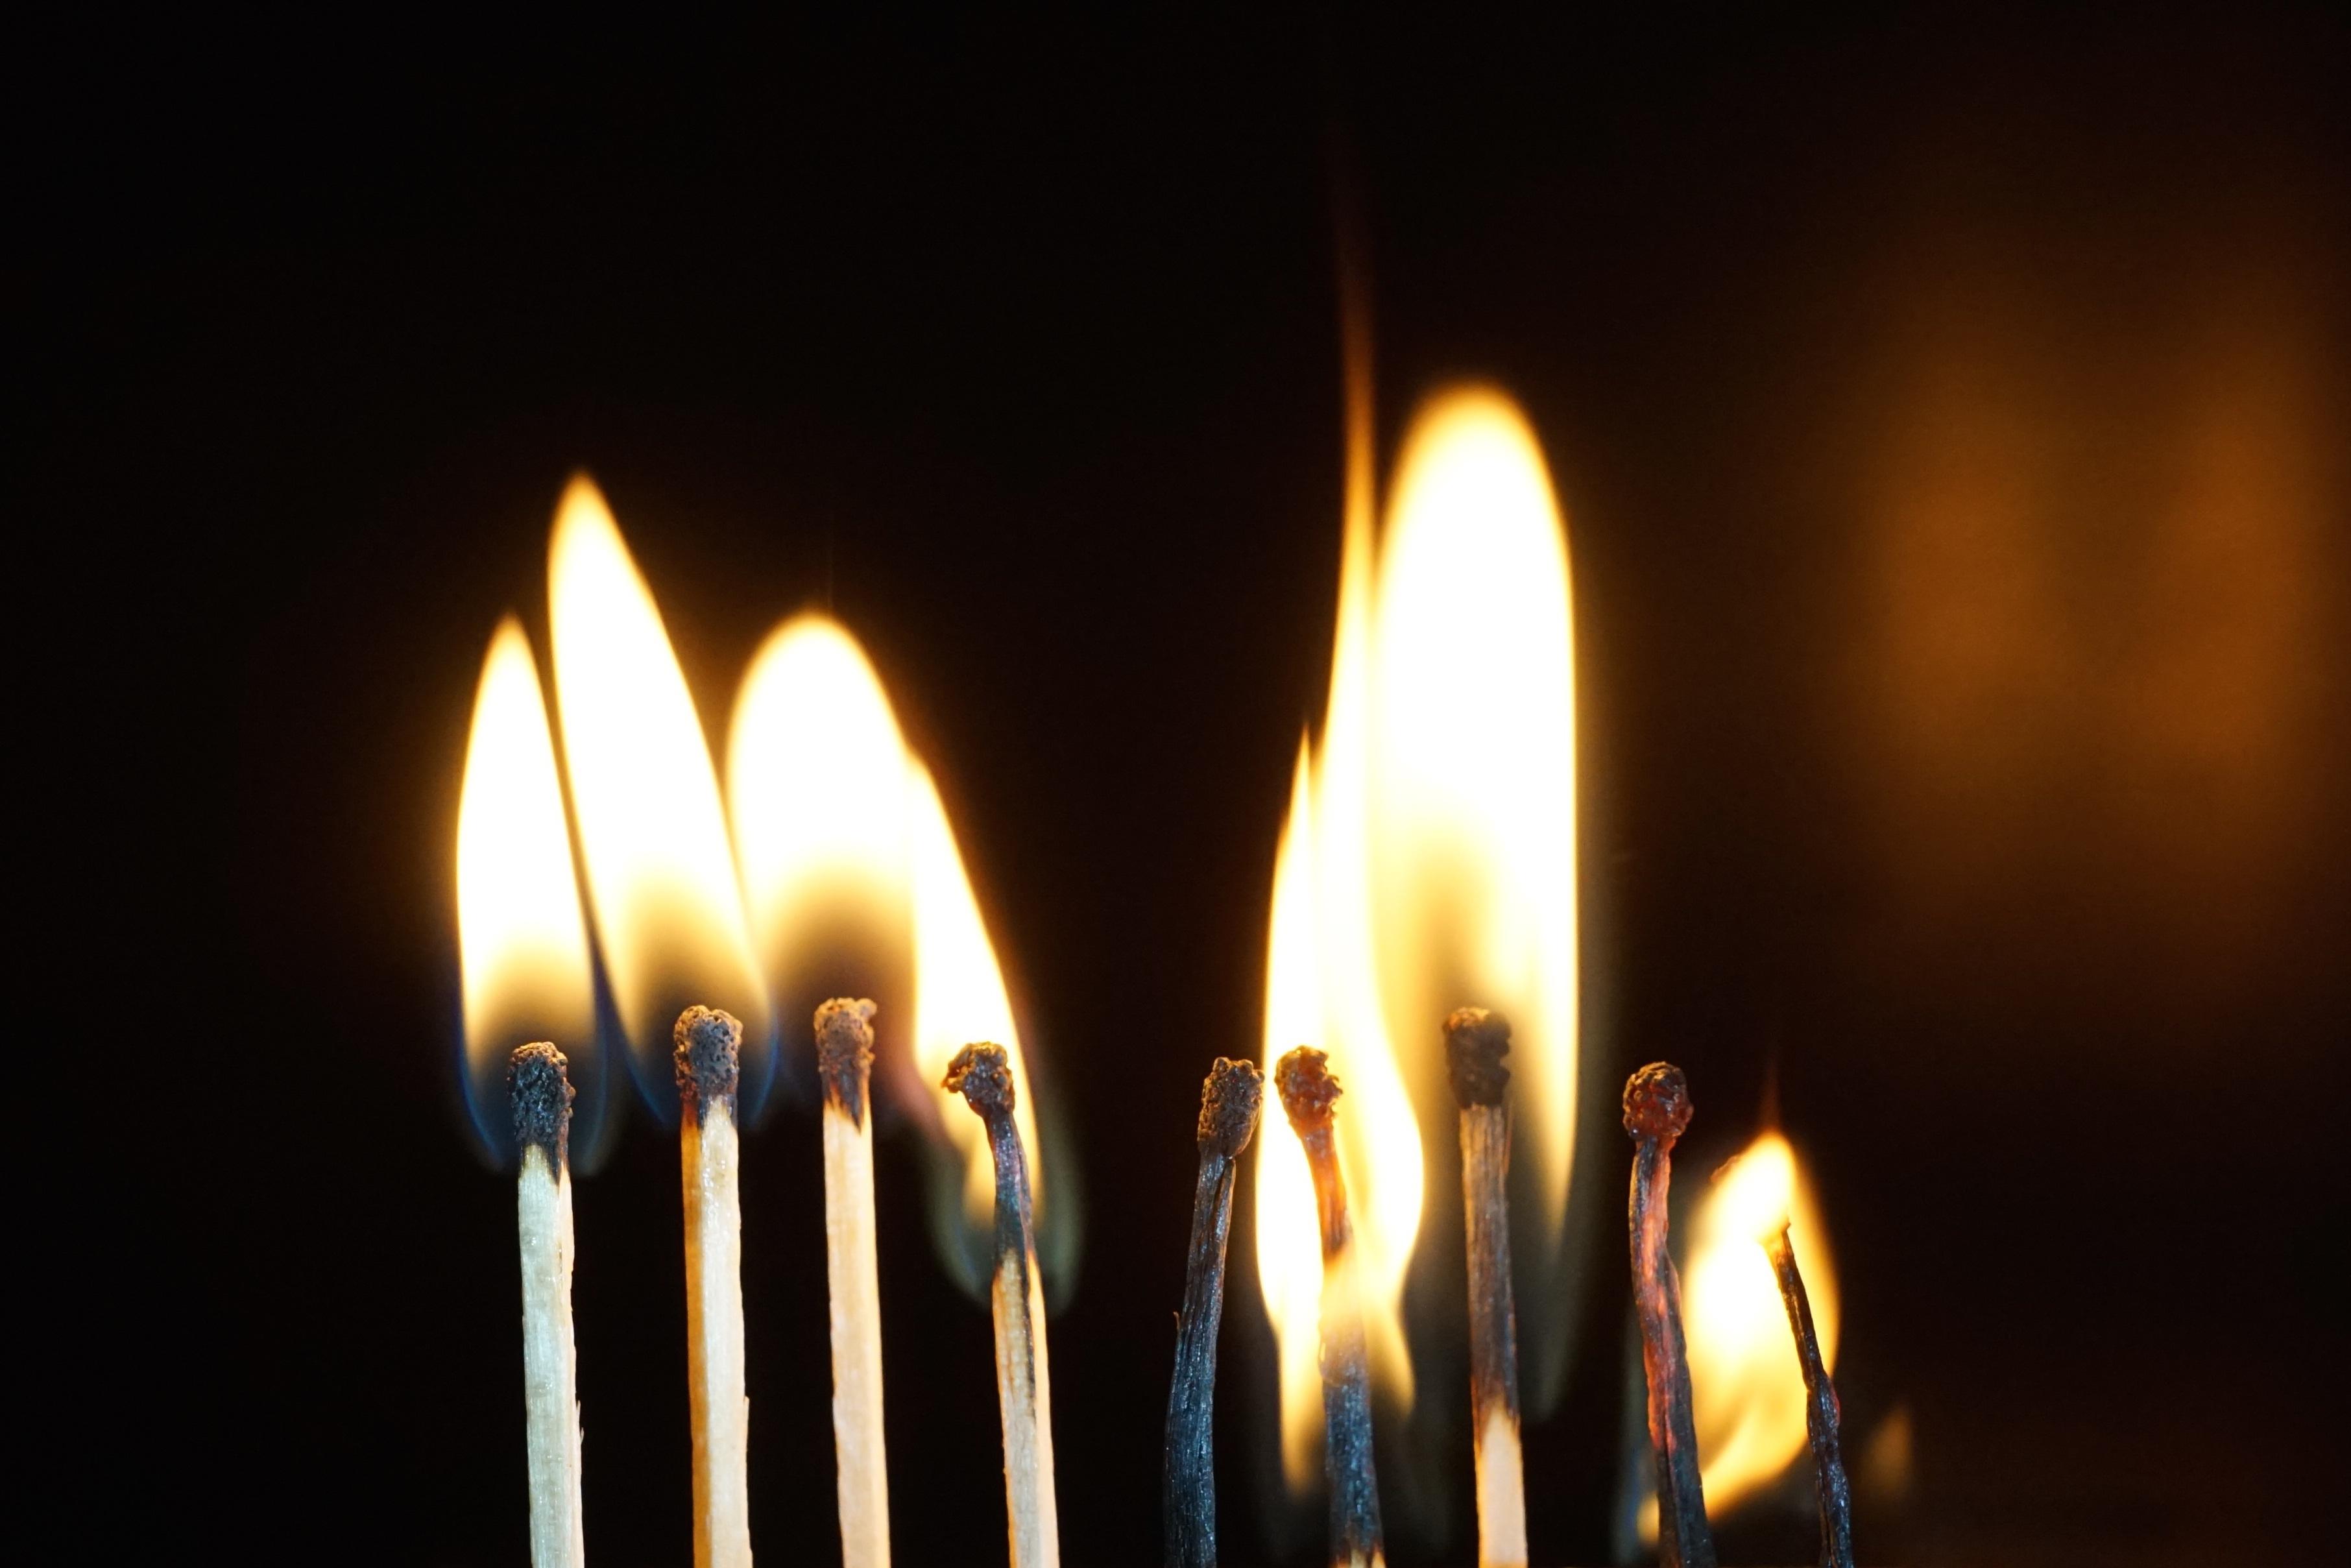 Fotos gratis : ligero, llama, fuego, oscuridad, vela, iluminación ...